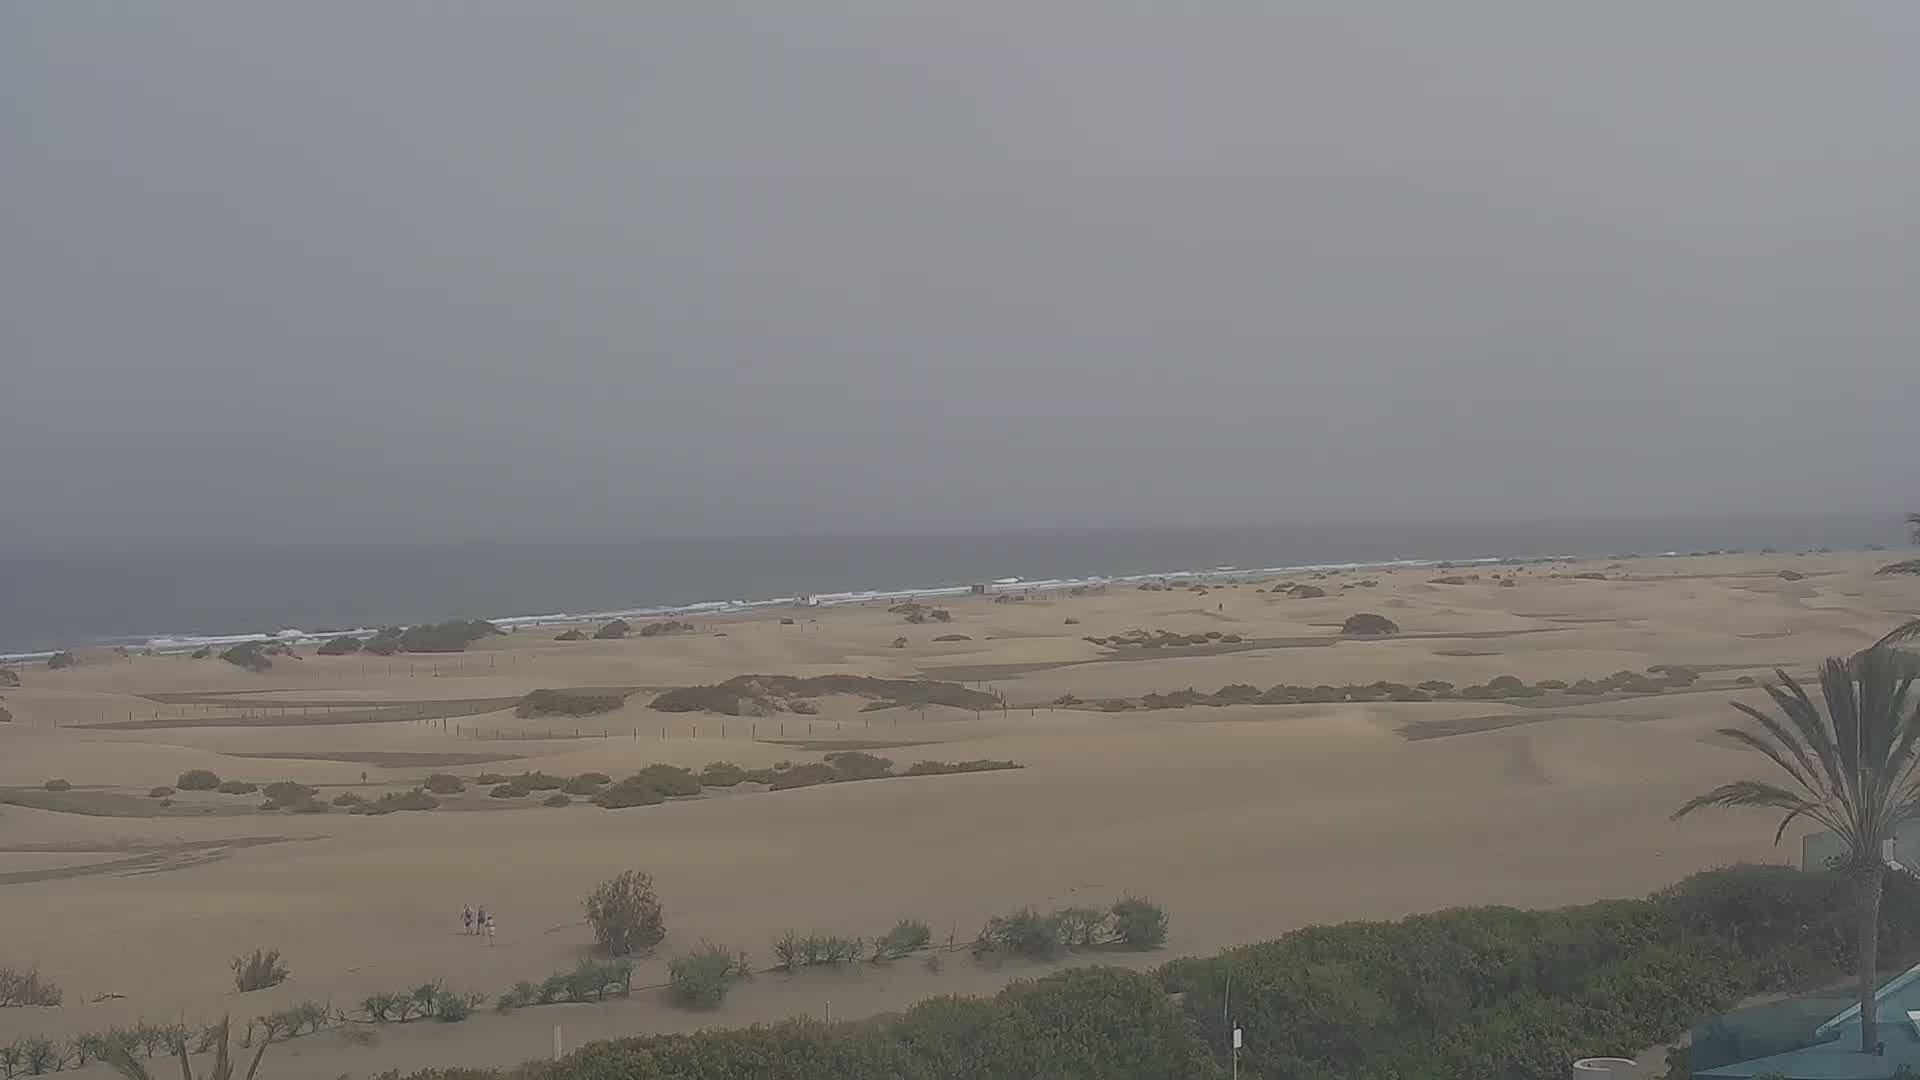 Playa del Ingles (Gran Canaria) Sun. 16:36